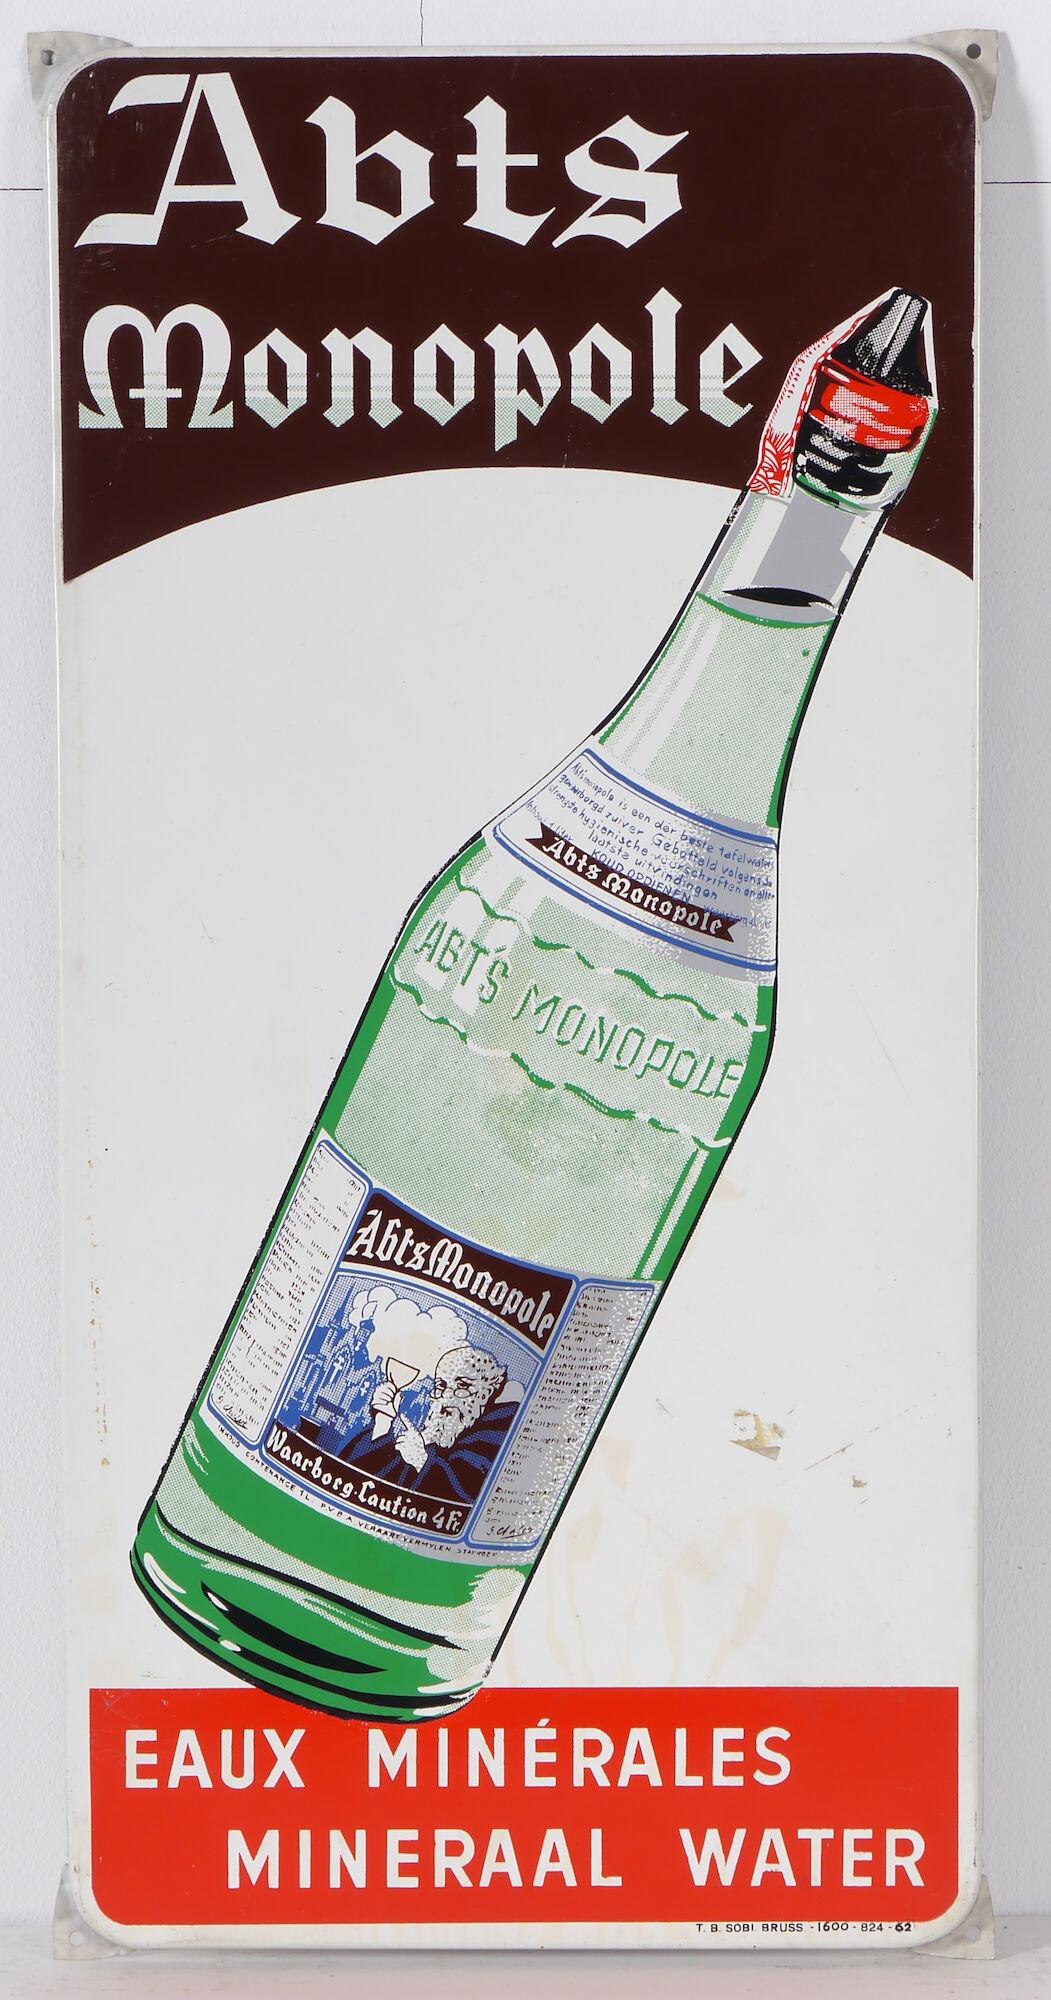 Geëmailleerd reclamebord voor miniraalwater Abts Monopole